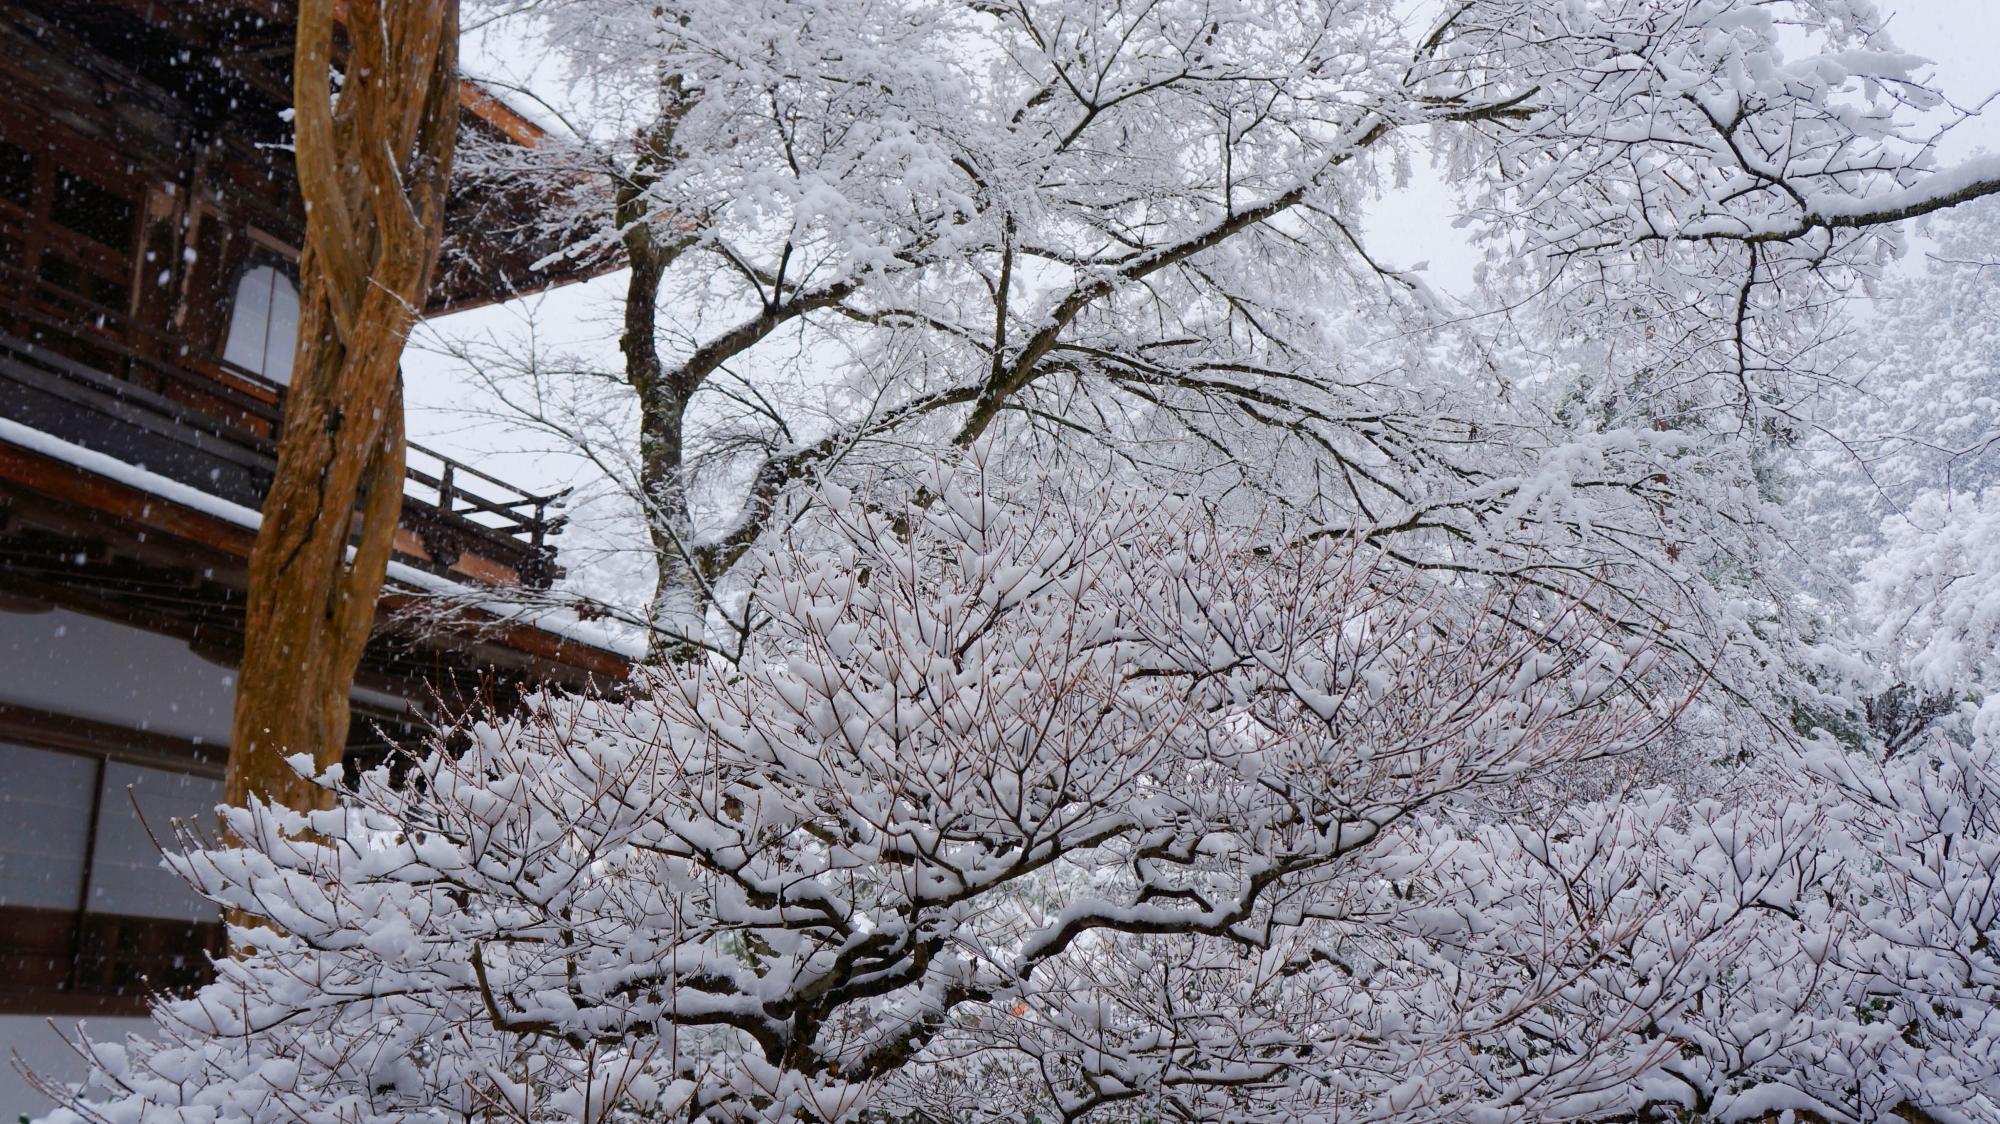 華やかな白い雪の花が咲く銀閣寺